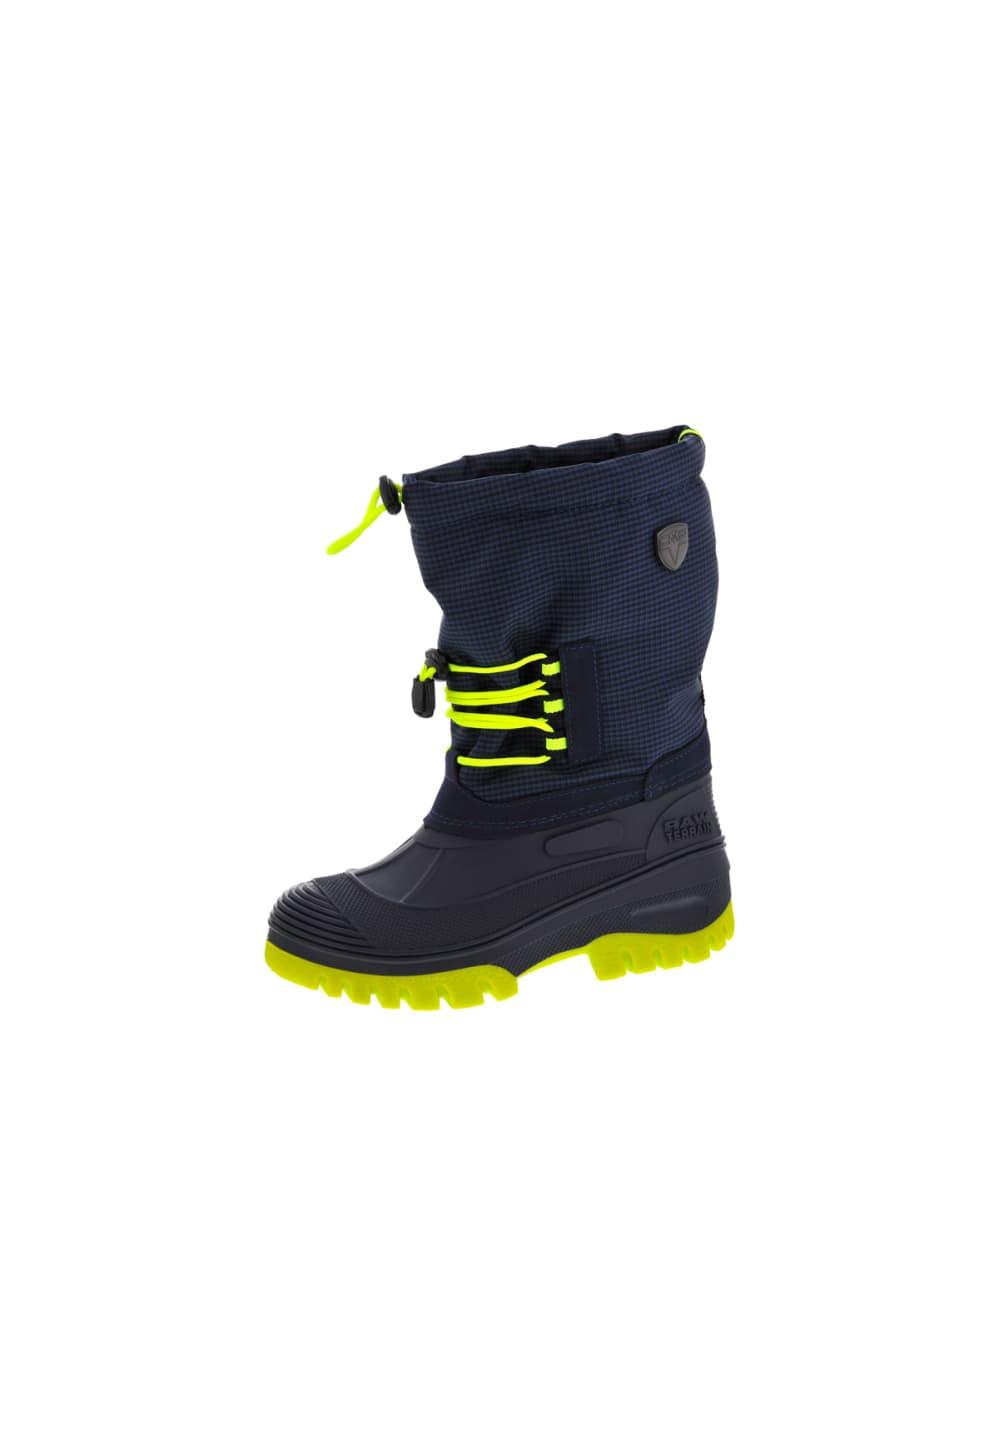 Campagnolo Ahto WP Snow - Outdoorschuhe für Kinder Unisex - Weiß